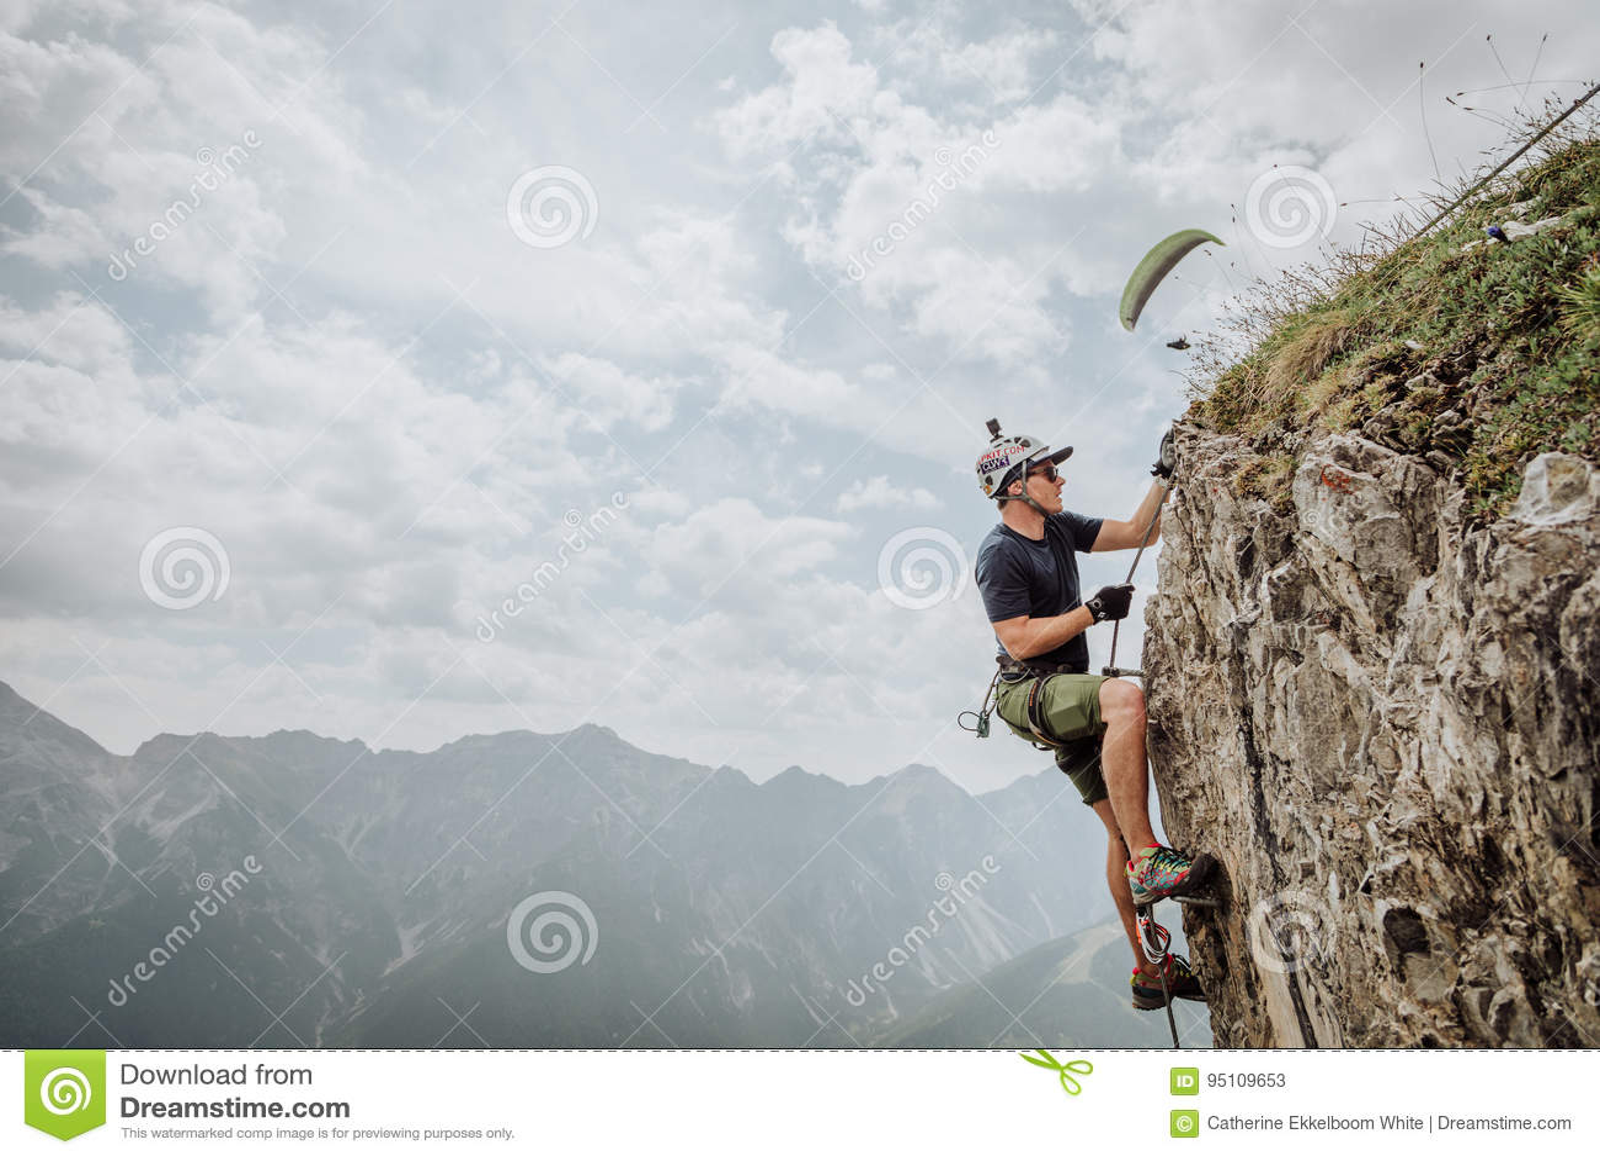 Klettersteigen Oostenrijk : Via ferrata die in oostenrijk beklimmen redactionele stock foto